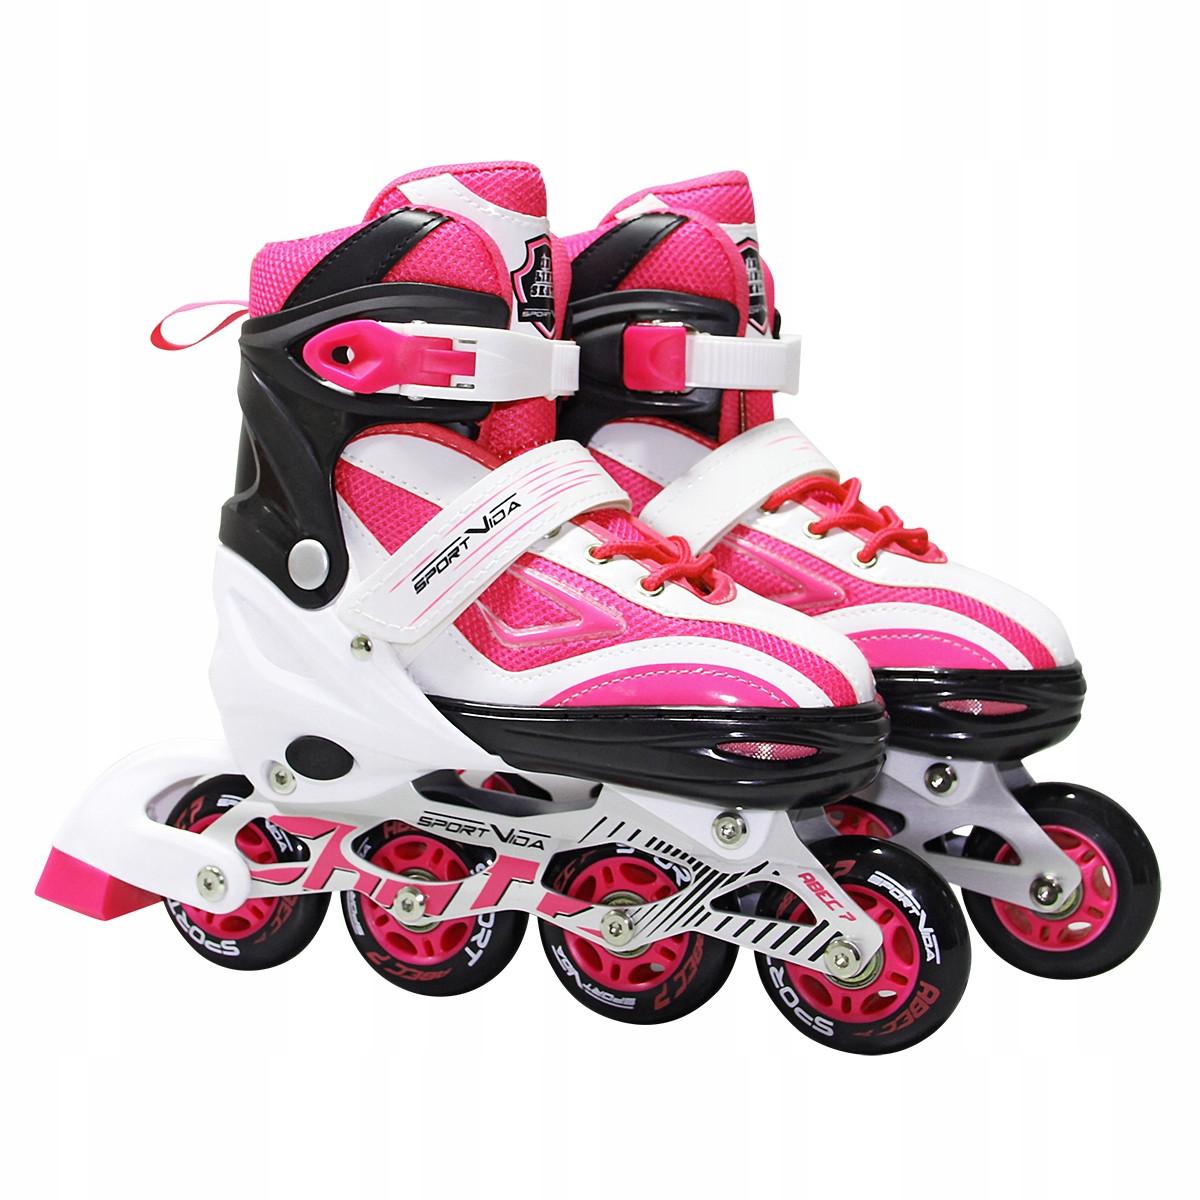 Роликовые коньки детские SportVida SV-LG0042 размер 31-34 White/Pink. Ролики для детей